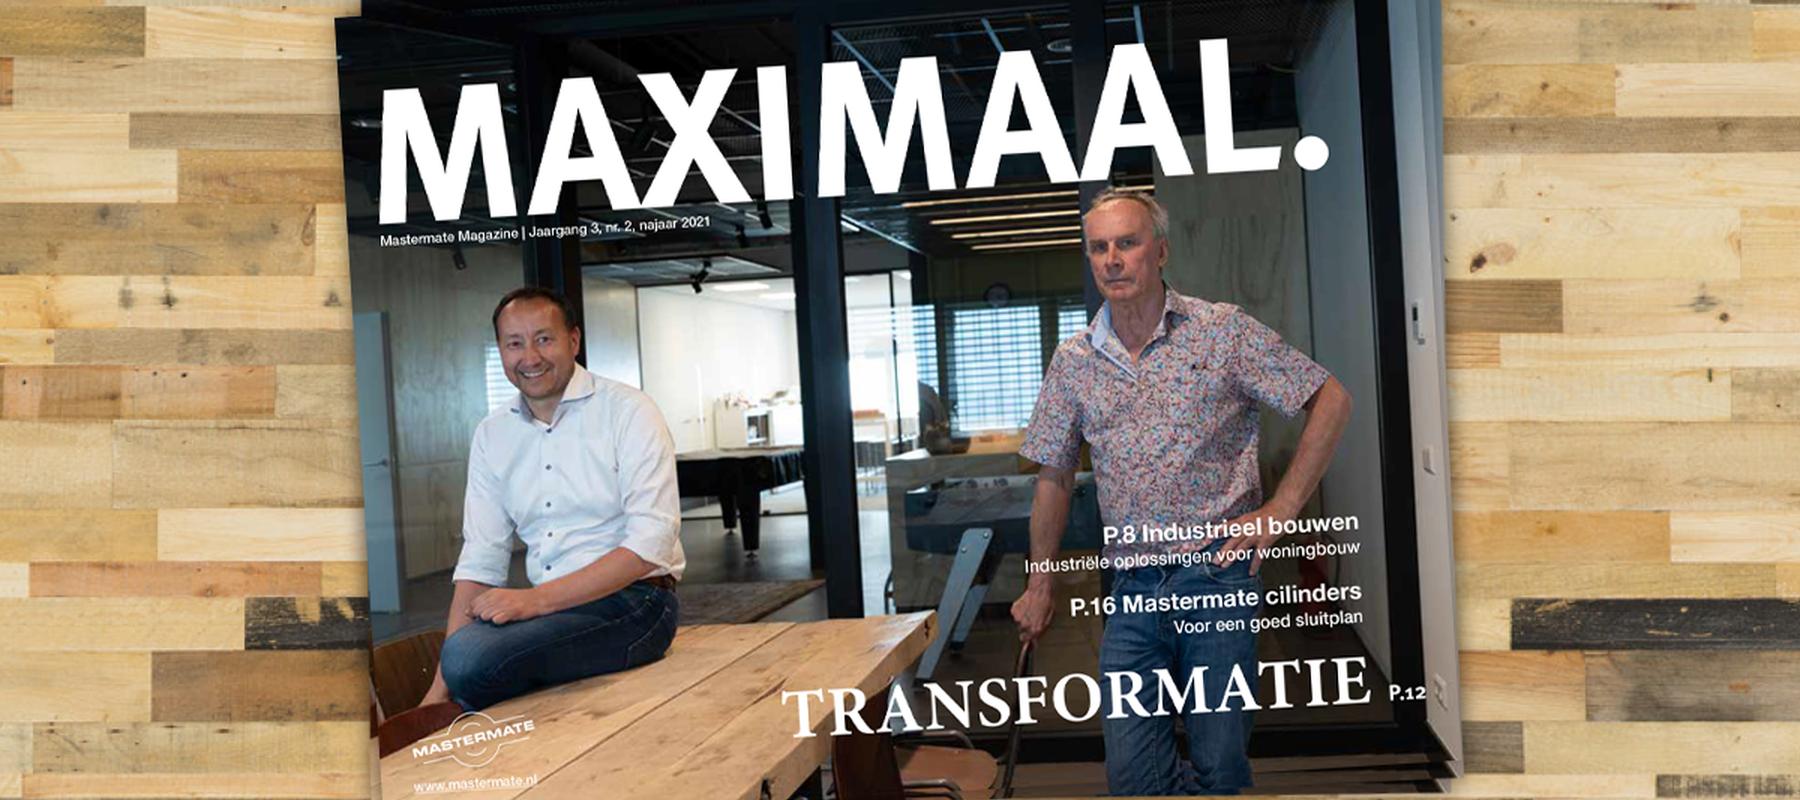 Maximaal: transformatie, sluitplannen en duurzaamheid bij Mastermate